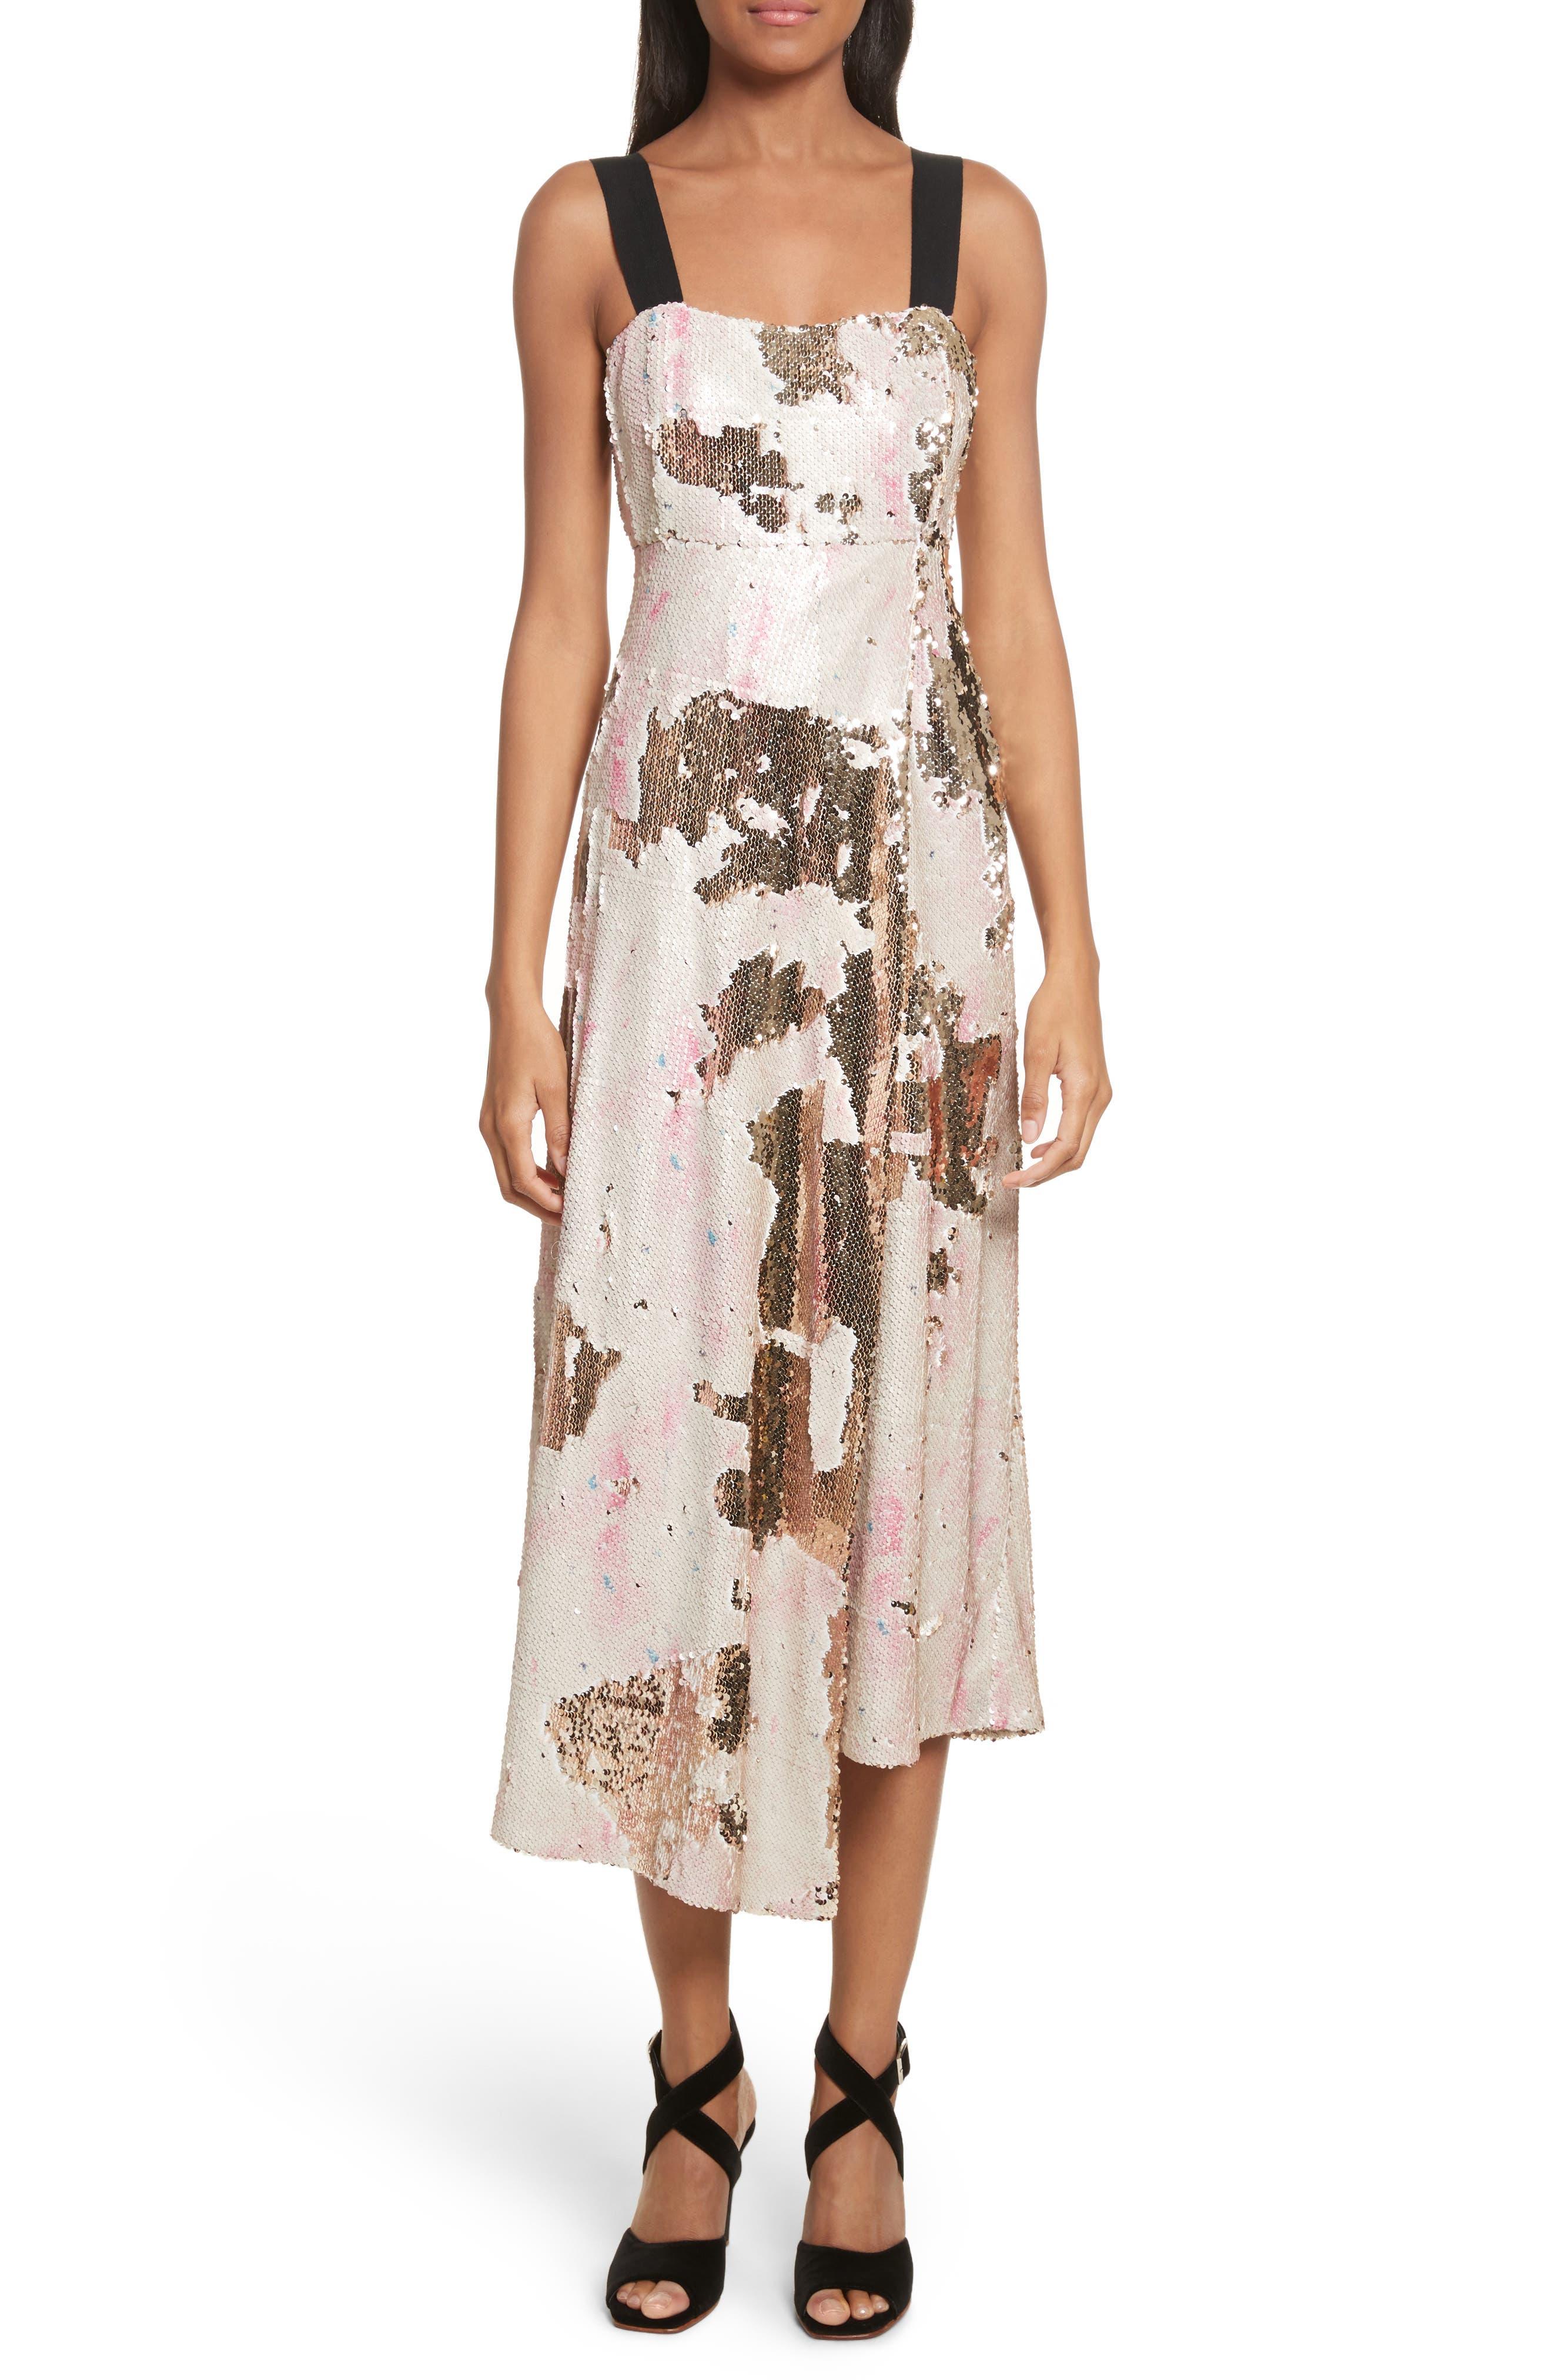 Main Image - Rachel Comey Slacken Sequined Dress